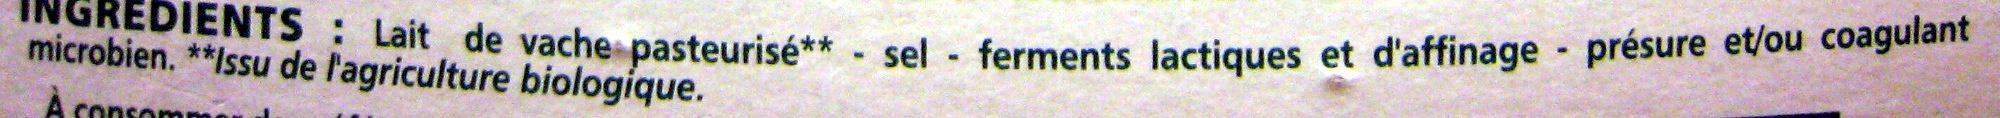 Camembert BIO - Ingrediënten